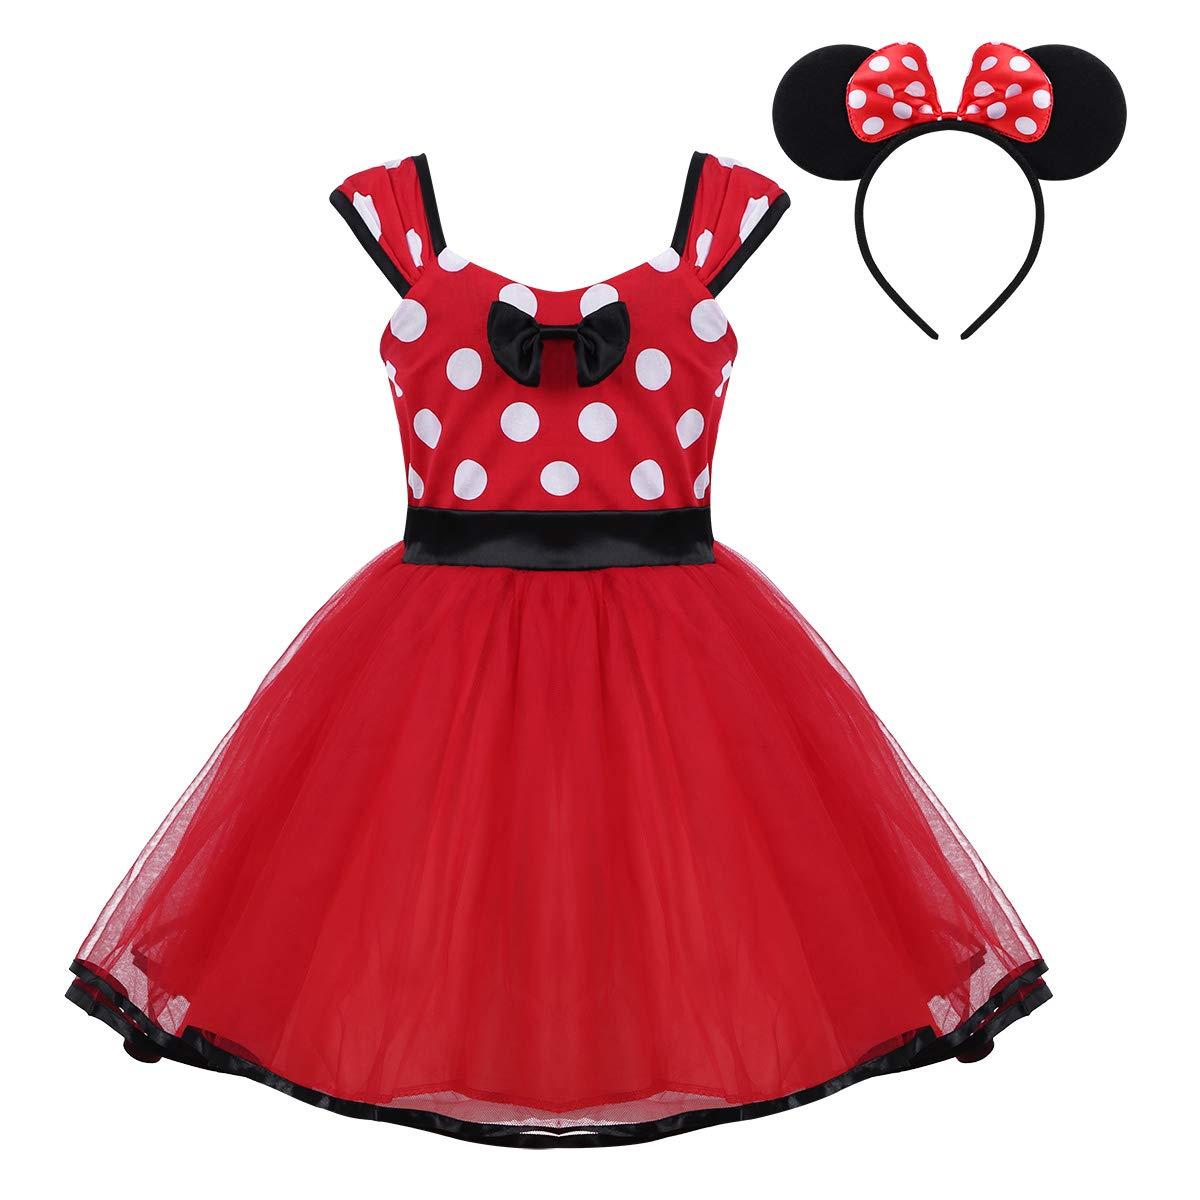 TiaoBug 2Pcs Vestido Lunares Bebé Niñas Disfraz de Vestido para Fiesta Halloween Carnaval con Lunares con Diadema de Mickey Mouse